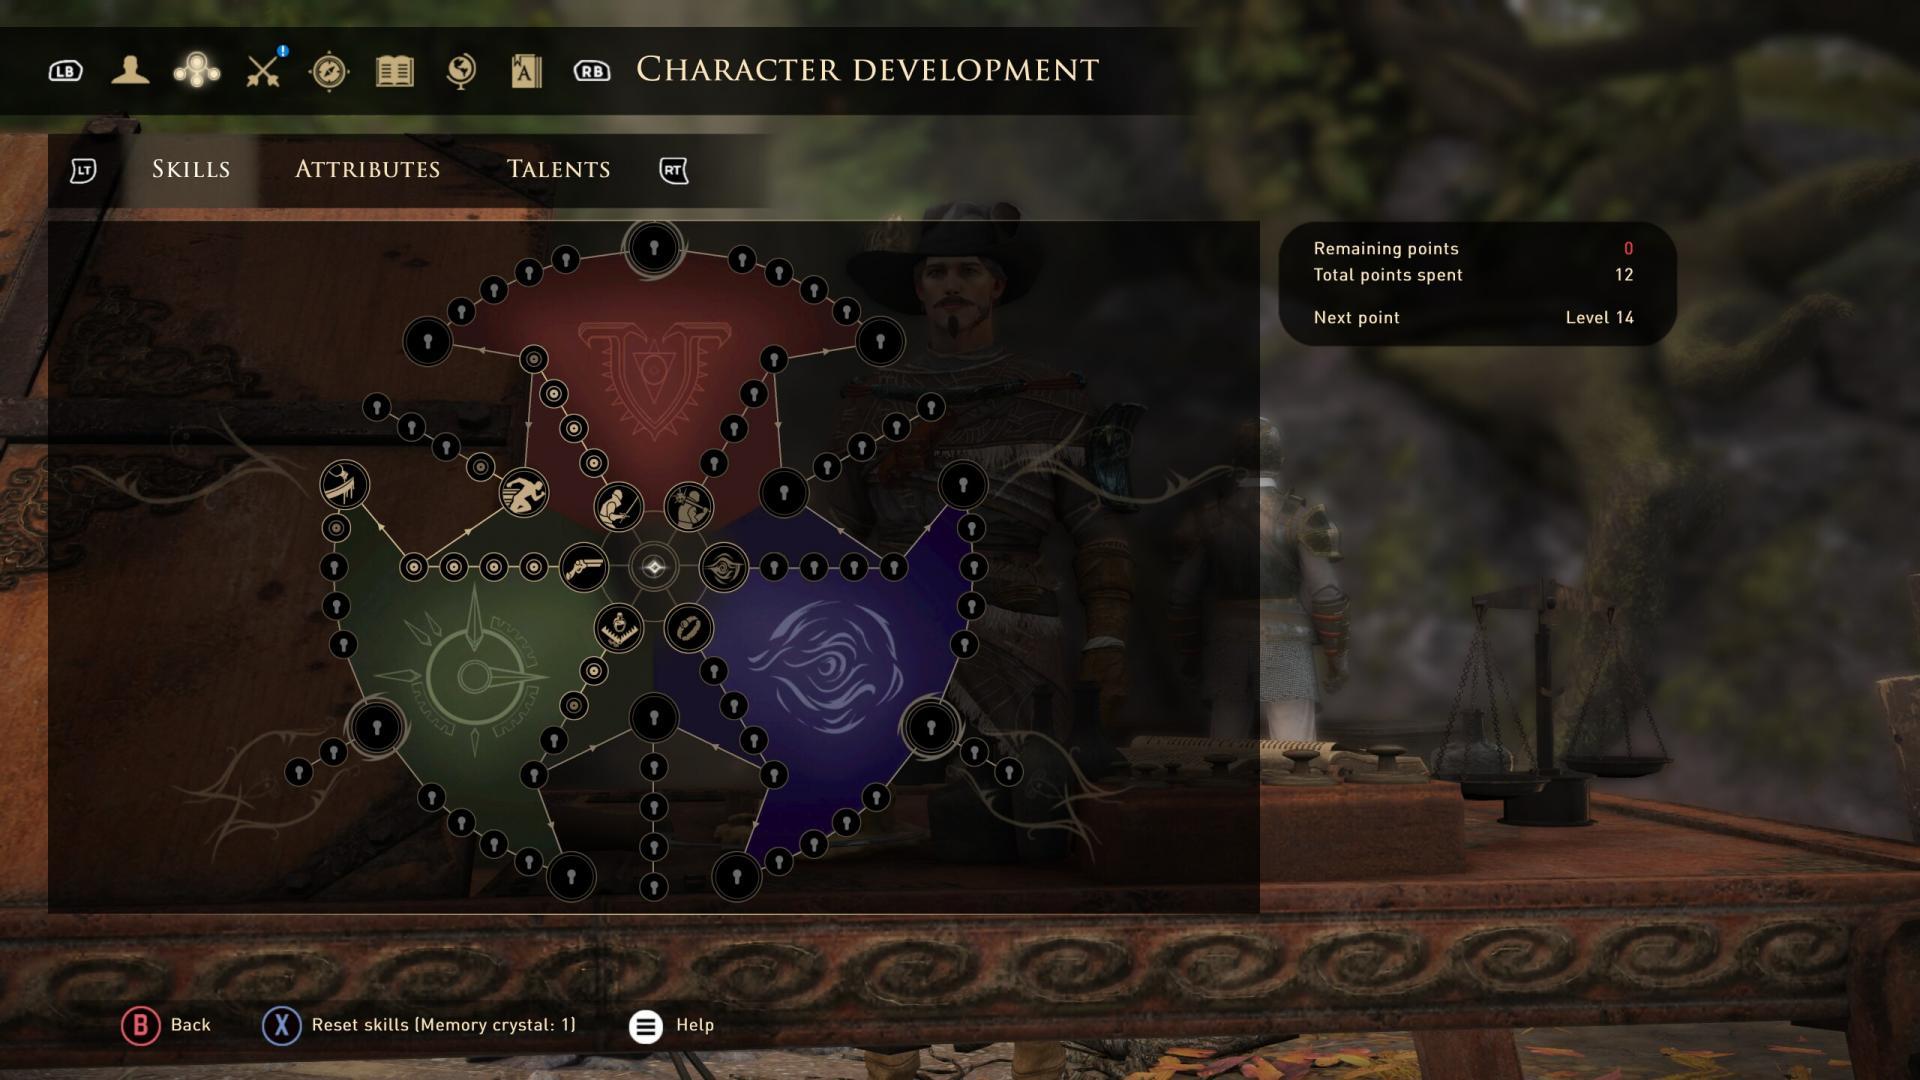 Développement du personnage GreedFall